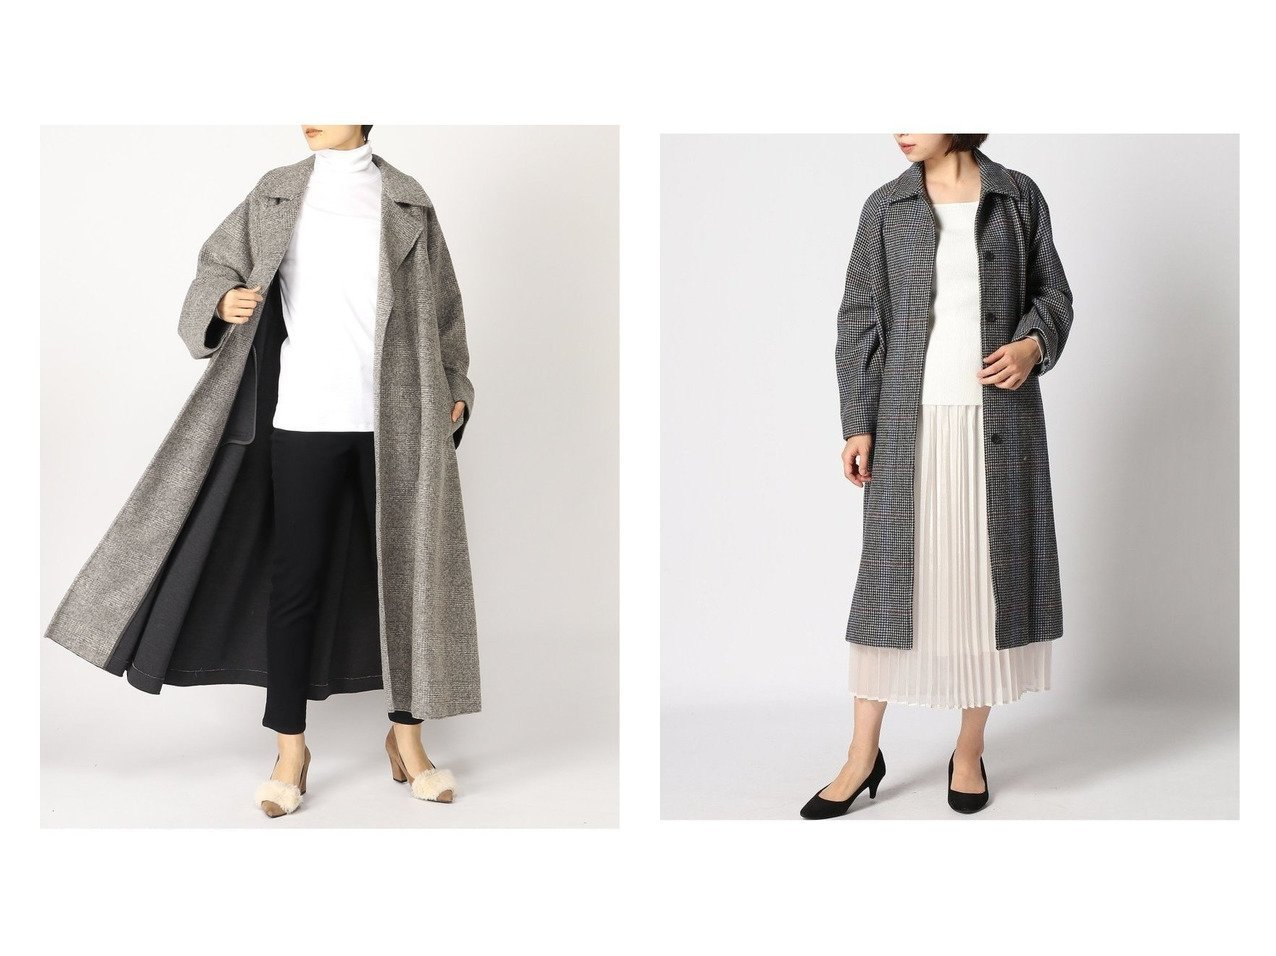 【JOURNAL STANDARD relume/ジャーナルスタンダード レリューム】のBISHU ステンカラーチェック&【Spick & Span/スピック&スパン】のWスライバーローブコート アウターのおすすめ!人気、トレンド・レディースファッションの通販  おすすめで人気の流行・トレンド、ファッションの通販商品 メンズファッション・キッズファッション・インテリア・家具・レディースファッション・服の通販 founy(ファニー) https://founy.com/ ファッション Fashion レディースファッション WOMEN アウター Coat Outerwear コート Coats ジャケット Jackets ノーカラージャケット No Collar Leather Jackets NEW・新作・新着・新入荷 New Arrivals 2020年 2020 2020-2021 秋冬 A/W AW Autumn/Winter / FW Fall-Winter 2020-2021 A/W 秋冬 AW Autumn/Winter / FW Fall-Winter インナー ジャケット ダウン ロング なめらか チェック  ID:crp329100000010013